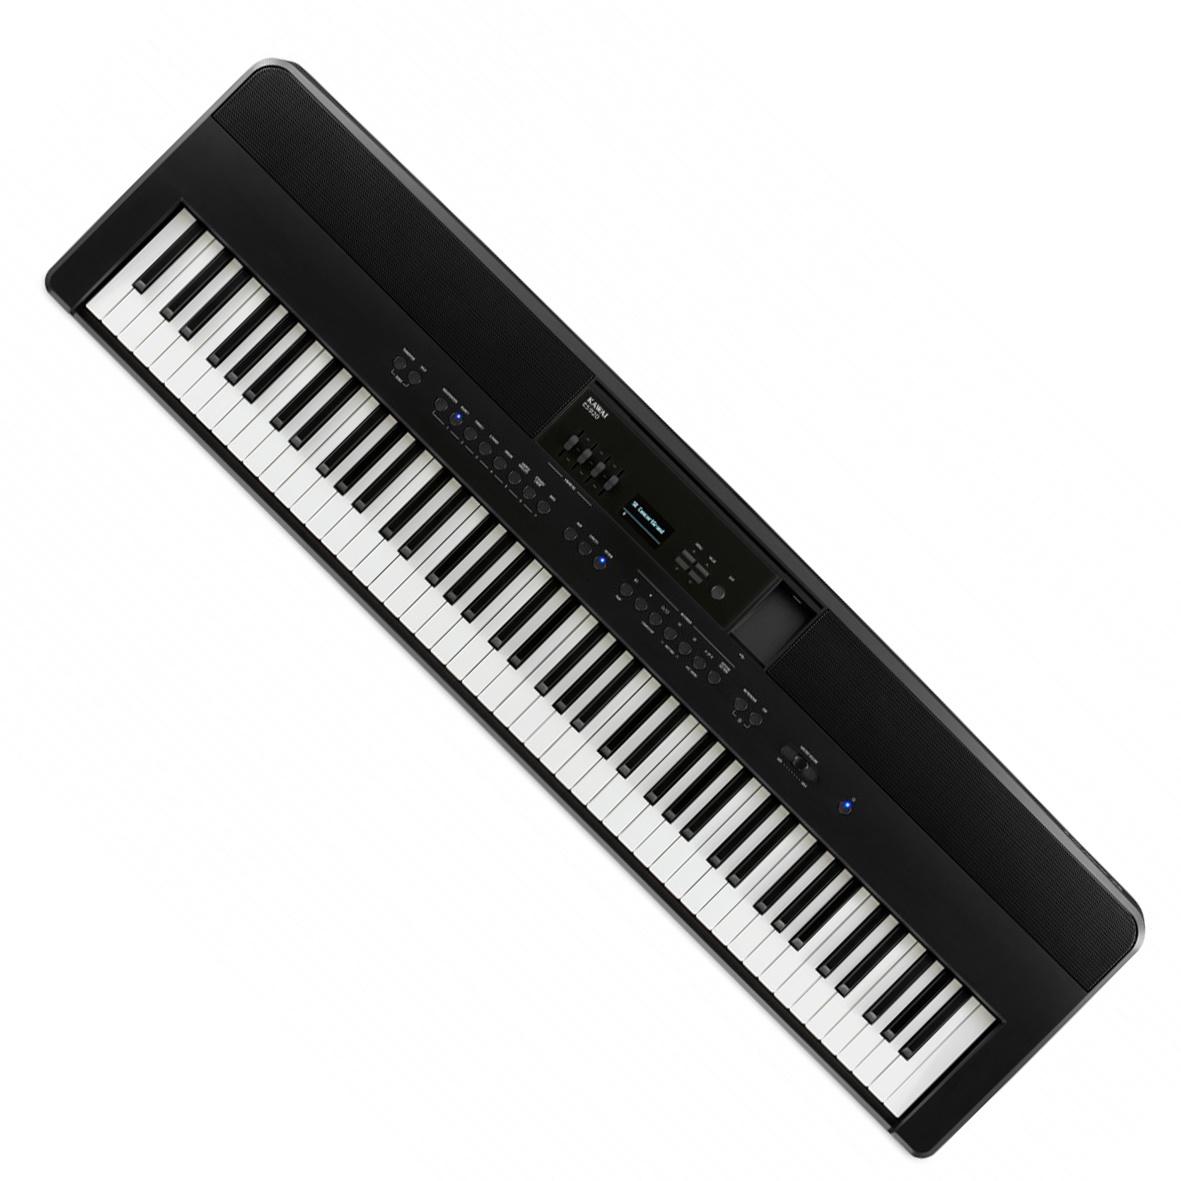 Kawai - Digital und E Piano Kawai ES 920 BK